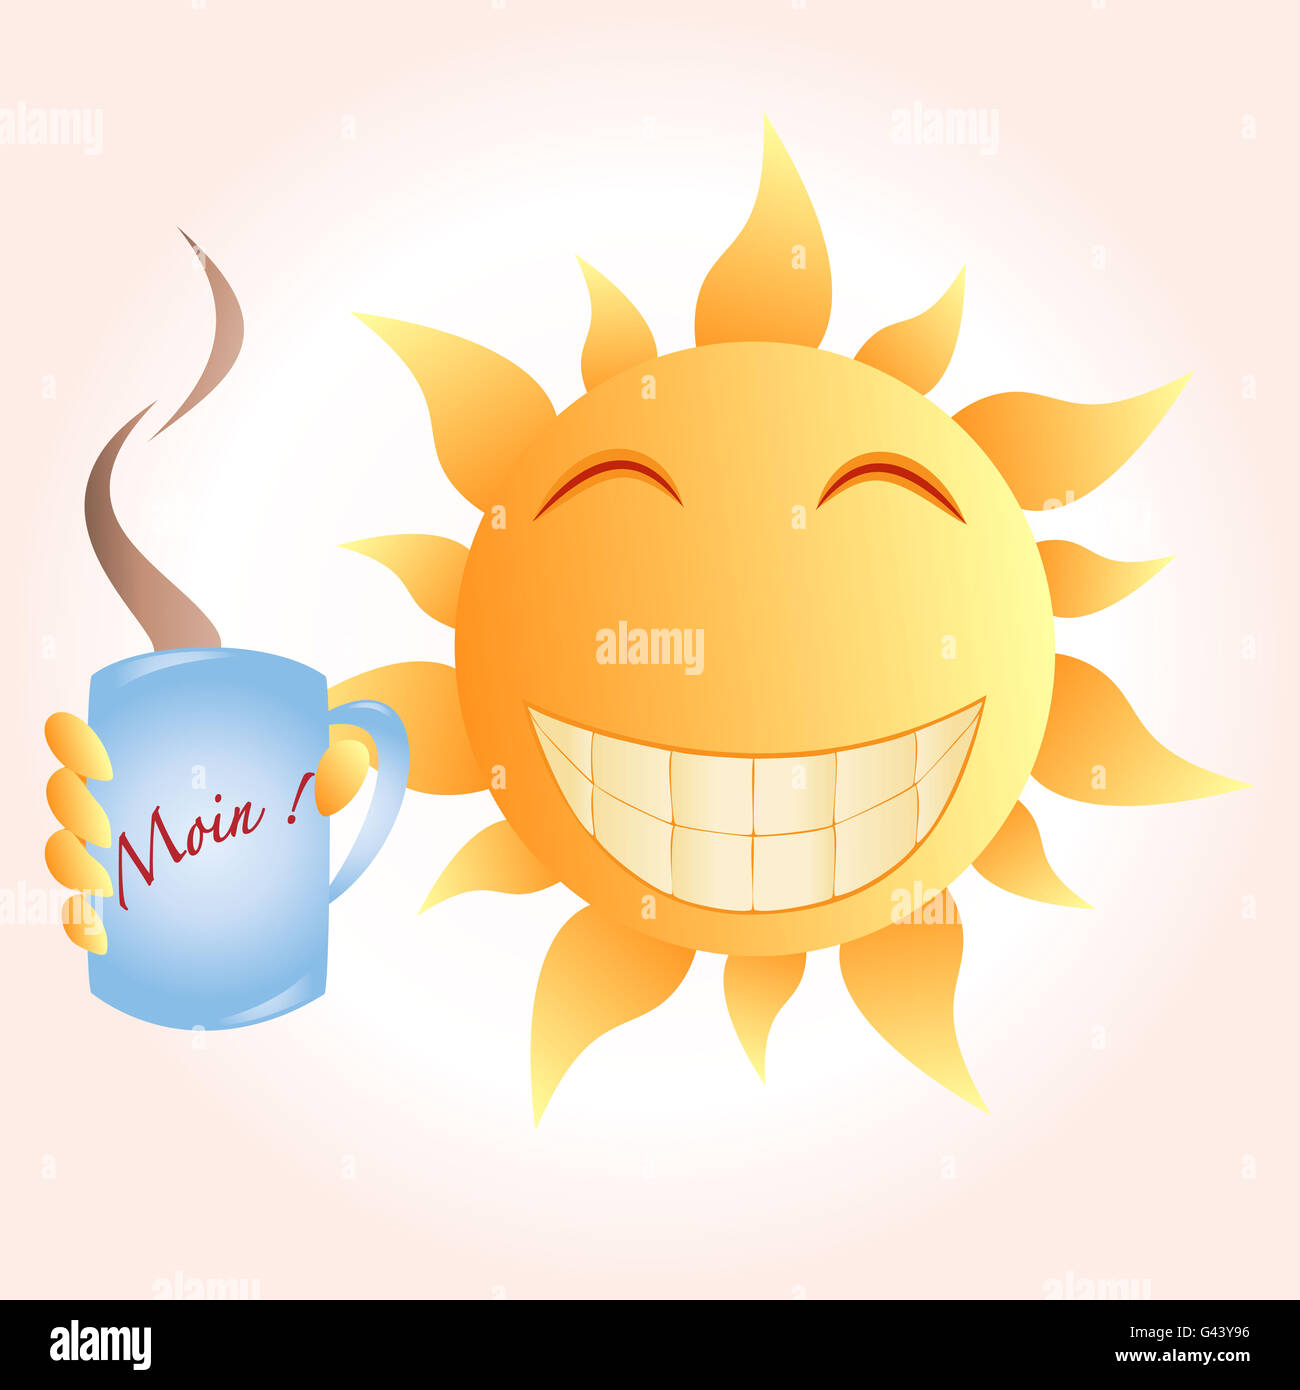 gro grinsend sonne halten kaffeekanne die guten morgen sagt stockfoto bild 105808114 alamy. Black Bedroom Furniture Sets. Home Design Ideas